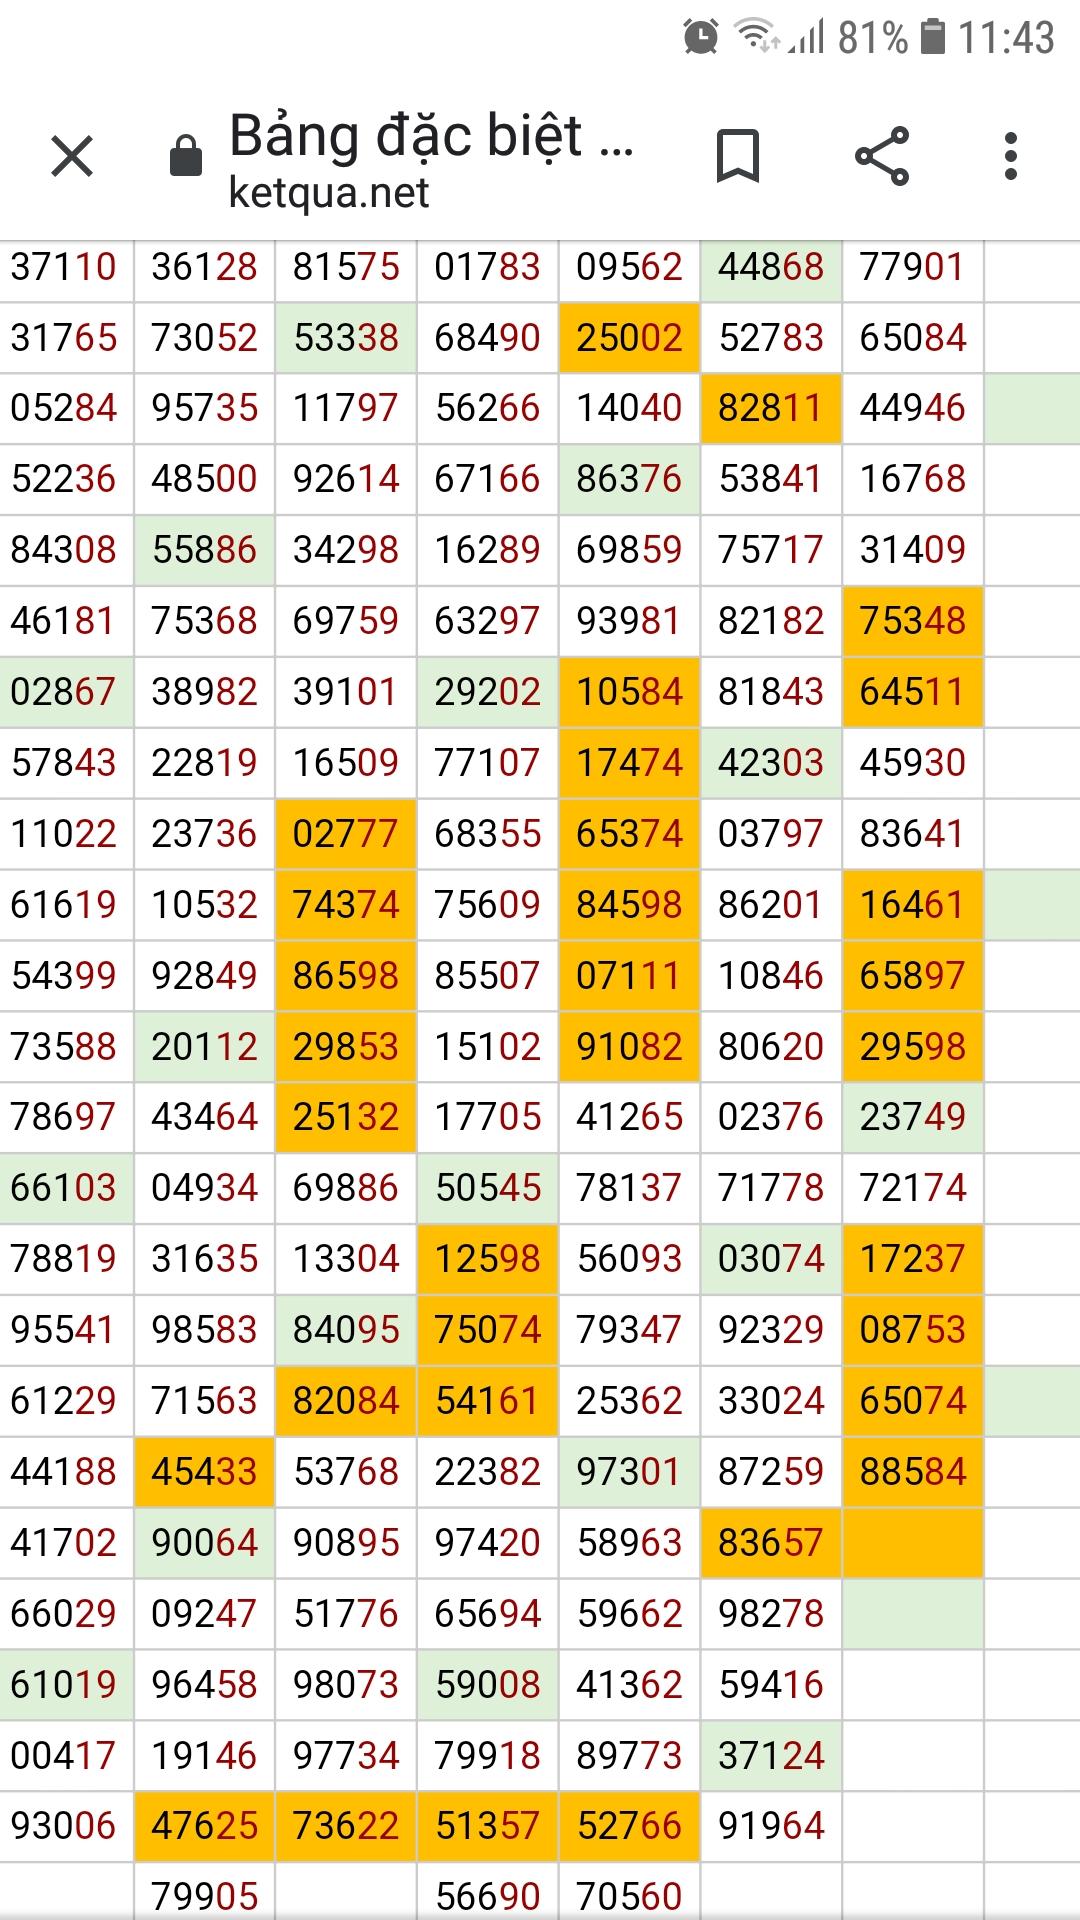 Screenshot_20191026-114328_Chrome.jpg